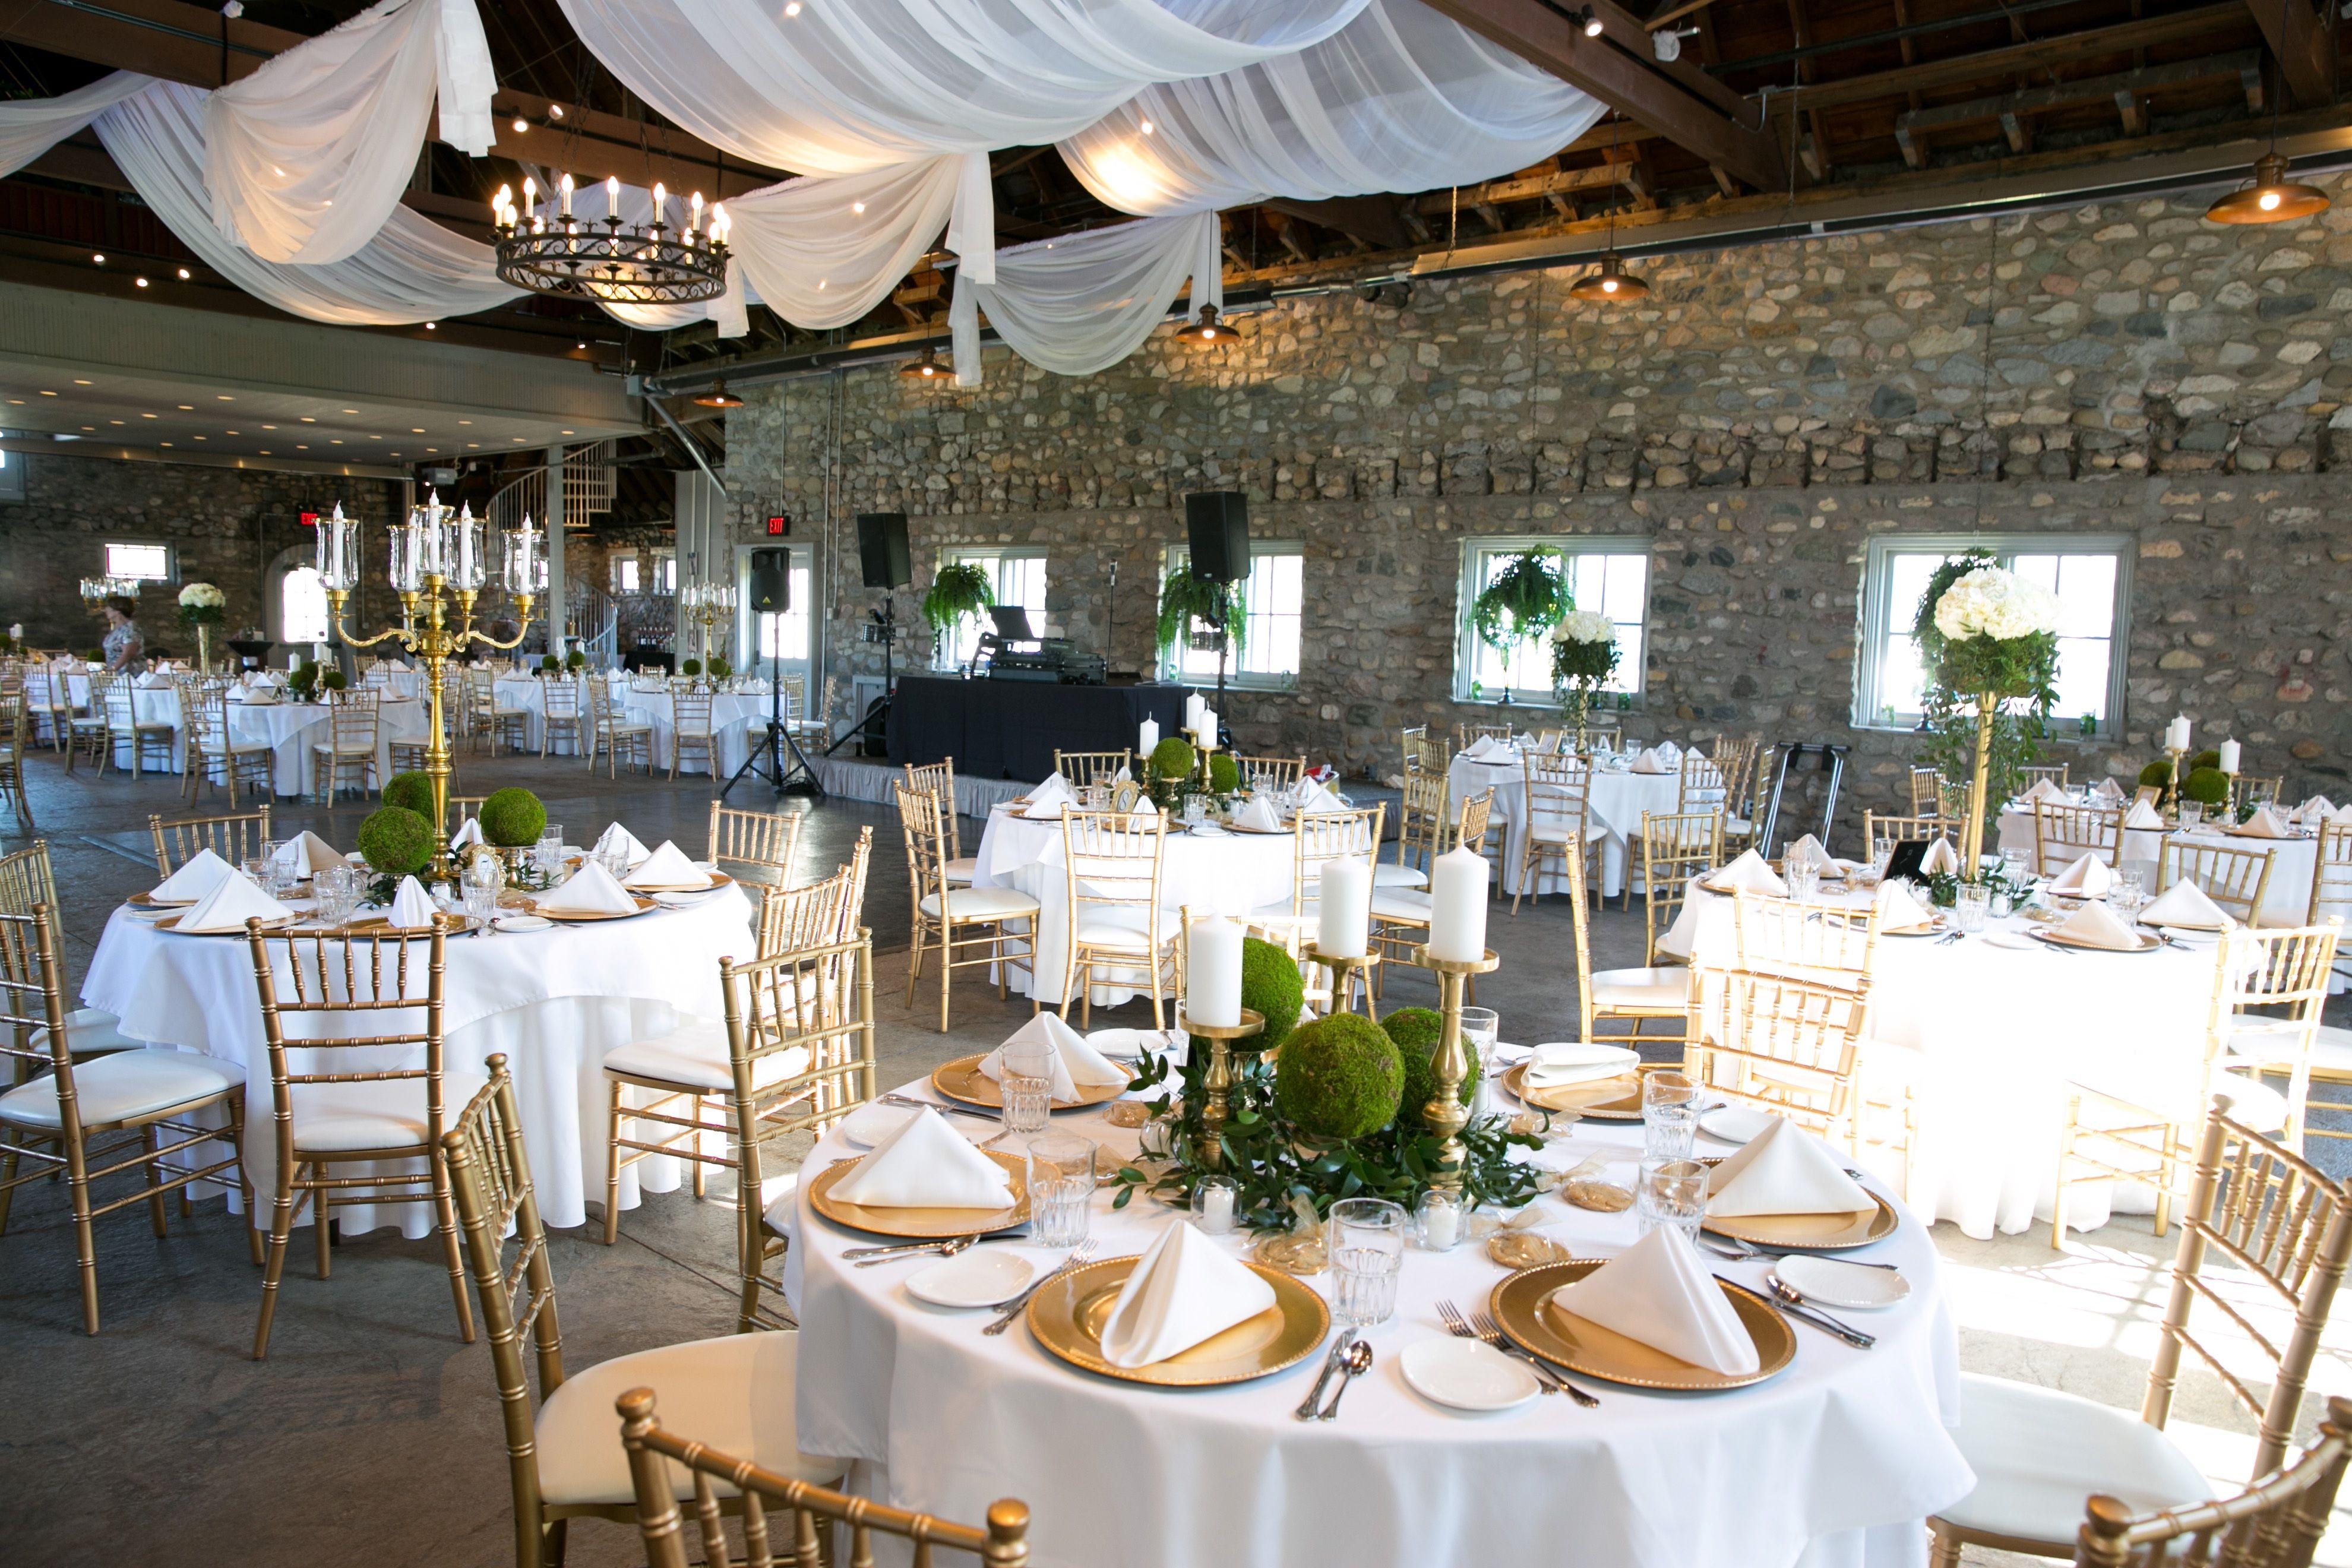 Michigan Wedding Venues Castle Farms Charlevoix Mi Event Rentals Michigan Wedding Venues Northern Michigan Weddings Castle Wedding Venue